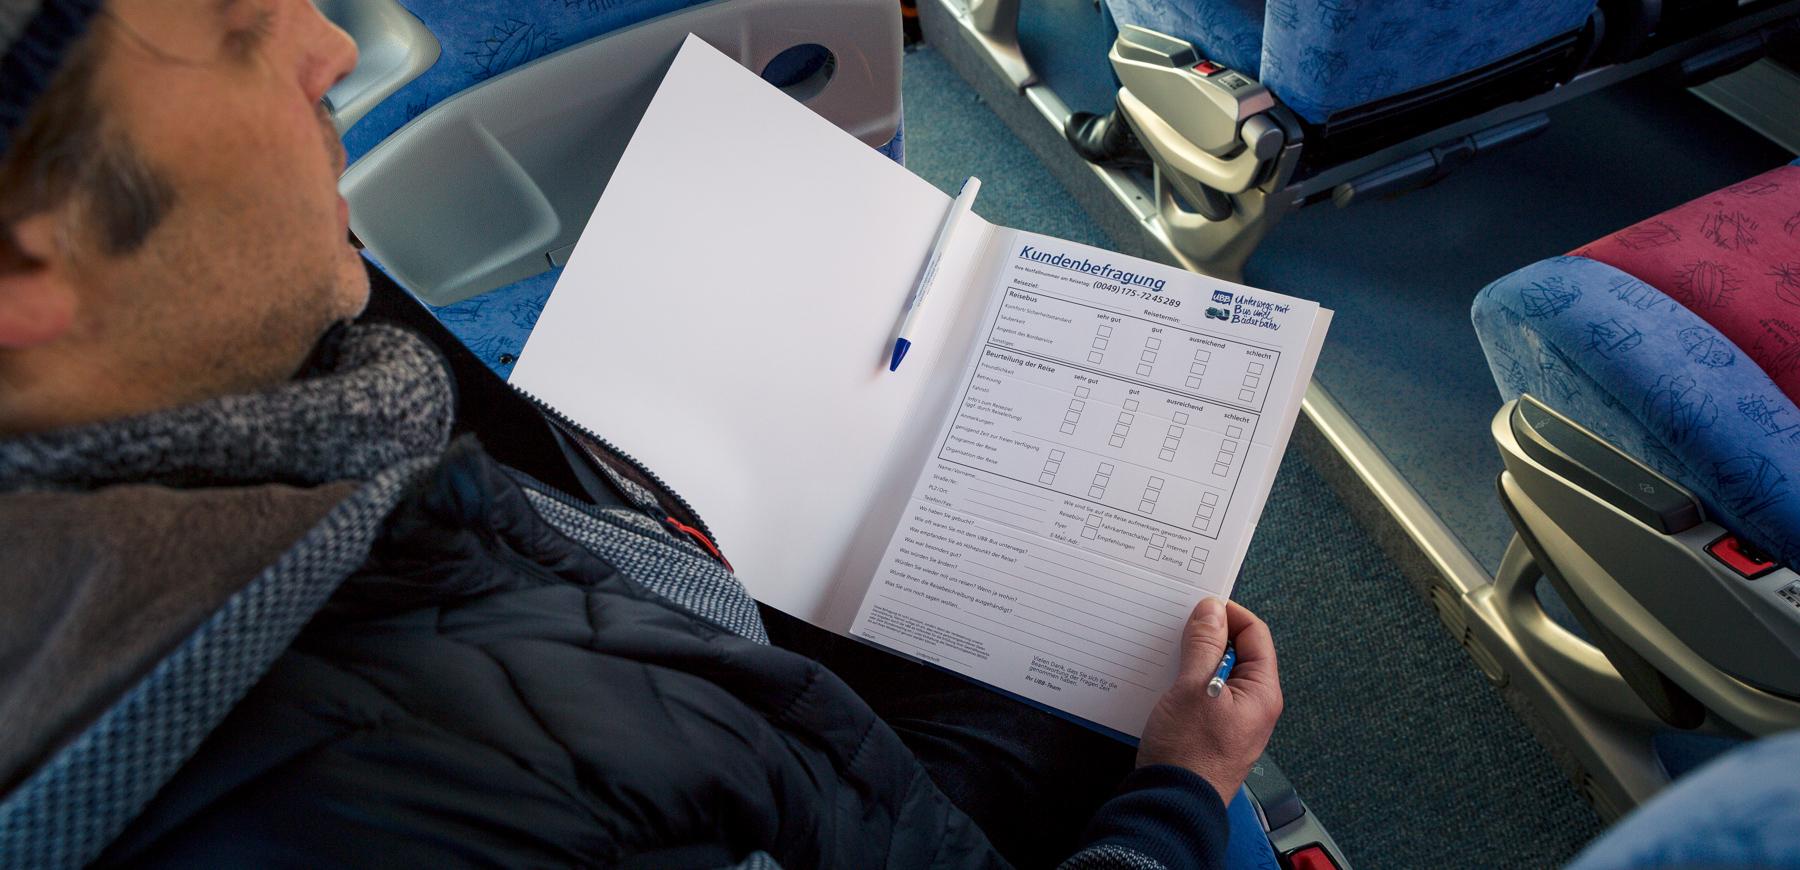 Kundenbefragungsbogen UBB